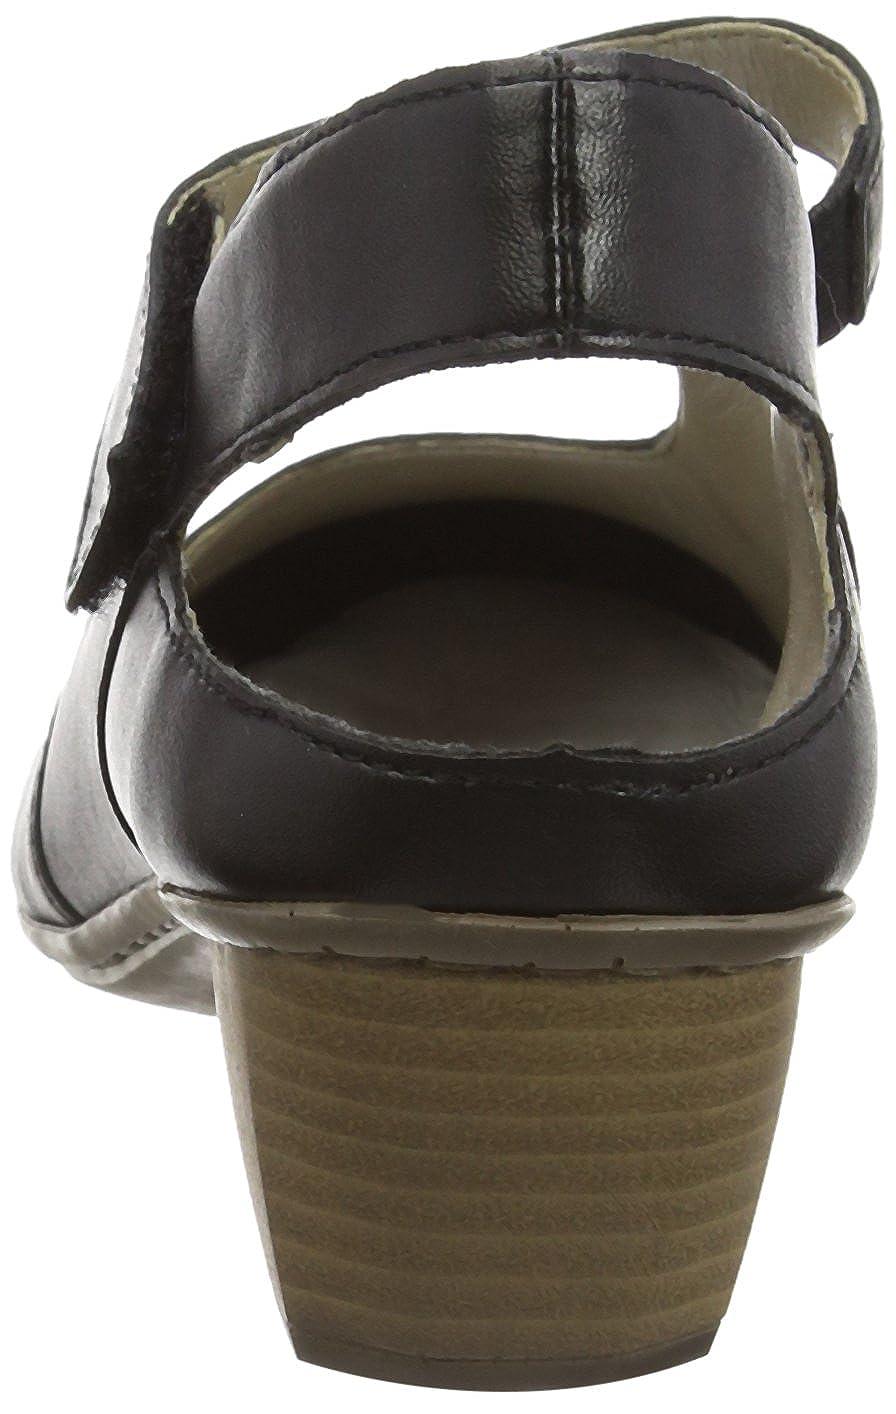 Rieker Tacco 41779, Scarpe col Tacco Rieker con Cinturino a T Donna  Nero (Nero/Schwarz / 00) 4b2e90